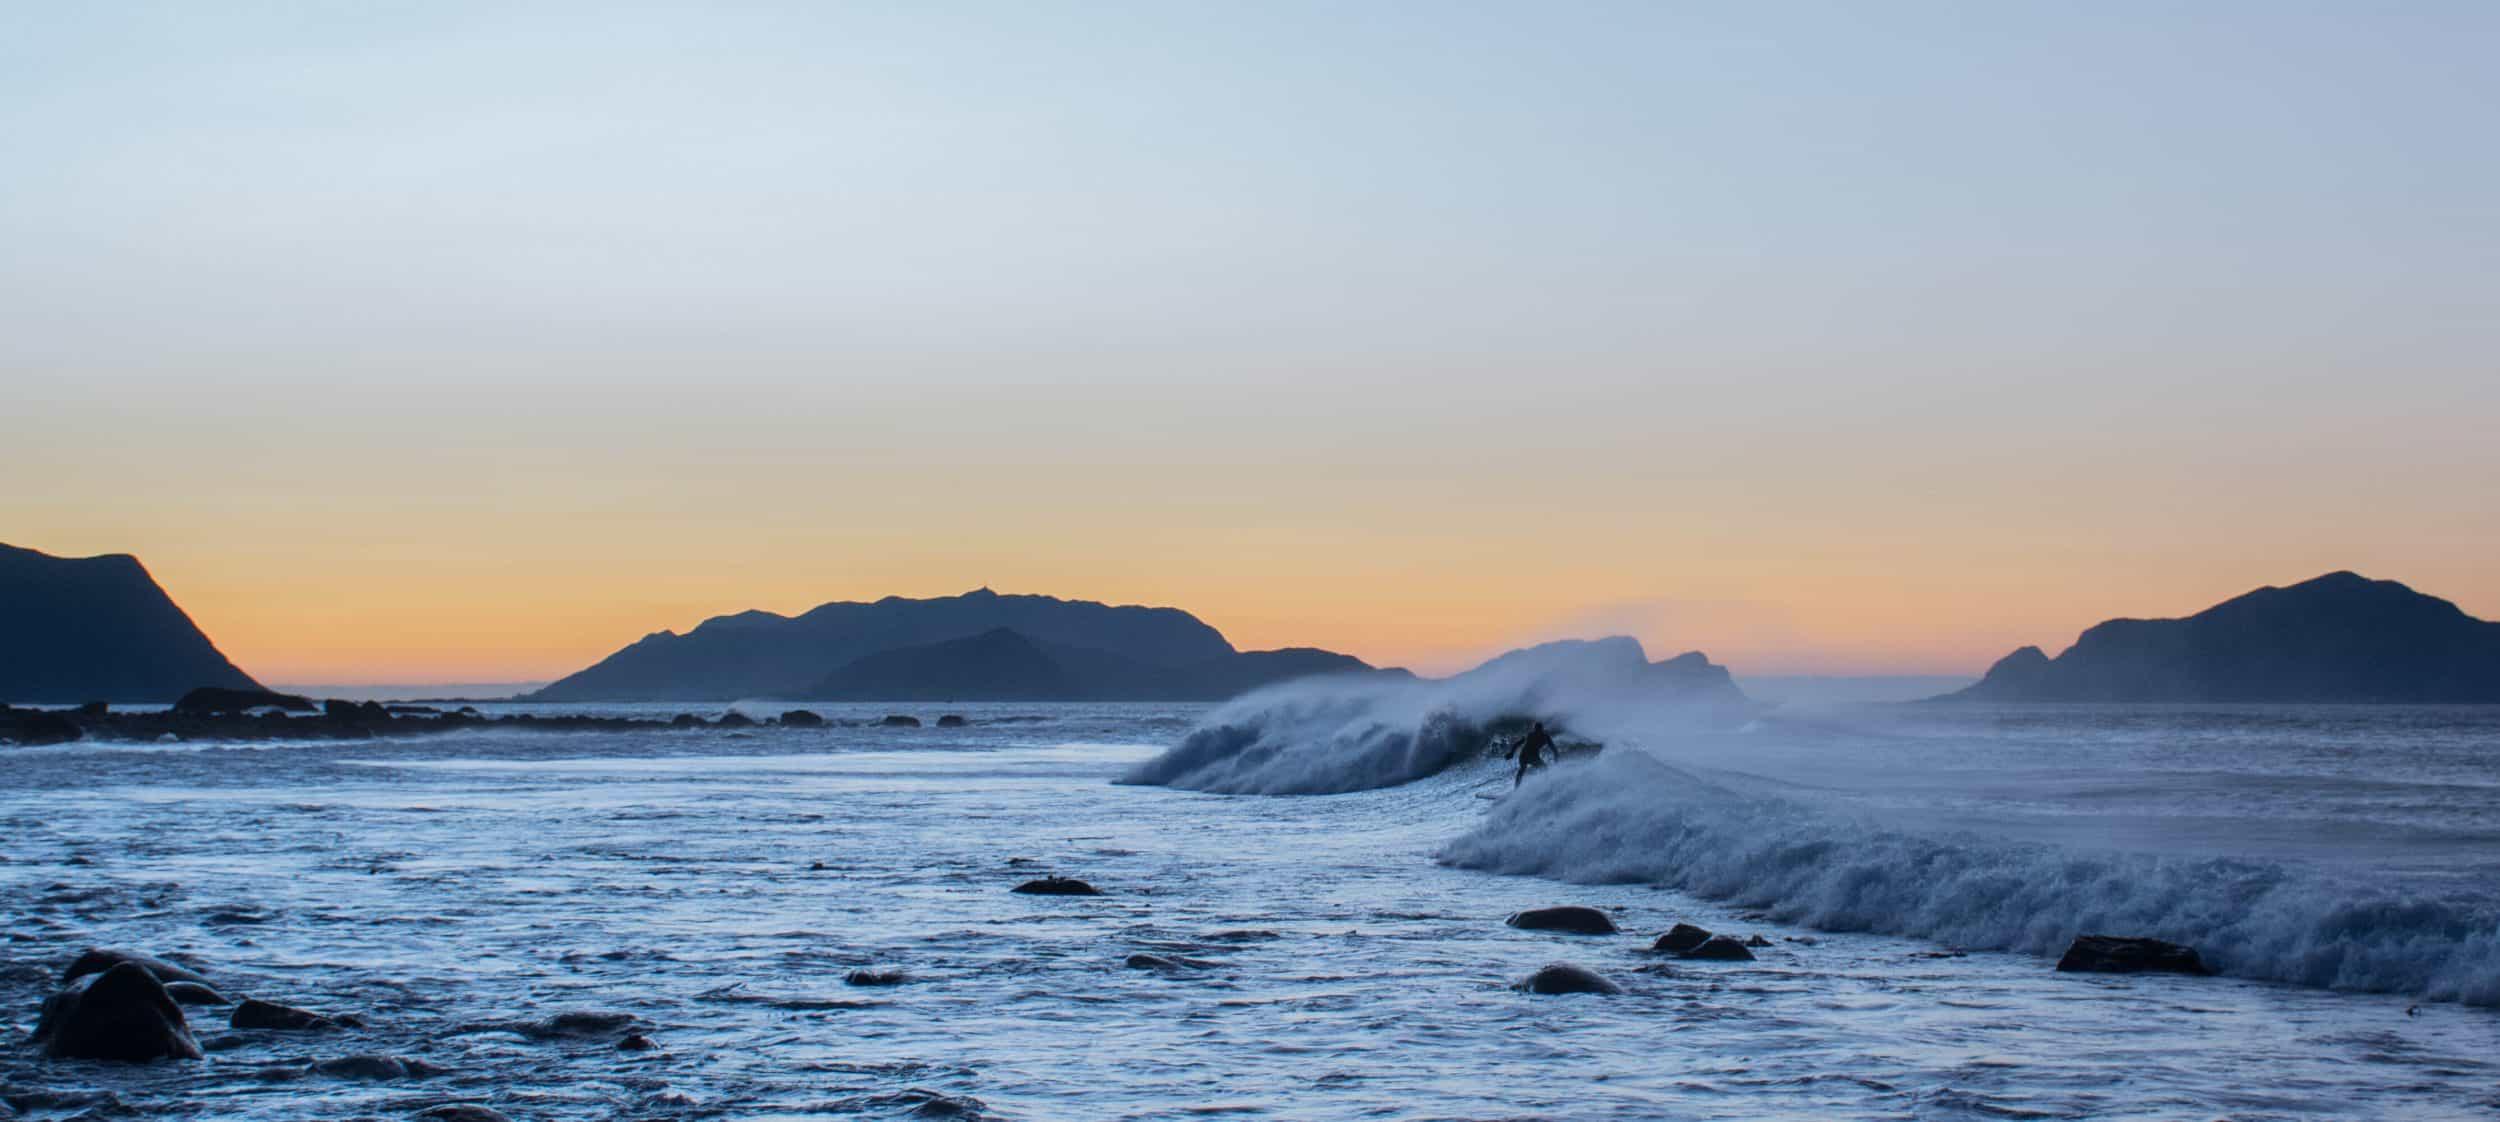 Frida Halvorsen - Bildet tatt på Flø utenfor Ulsteinvik for 1,5 uke siden. Surferen er Carl Werner Røper.